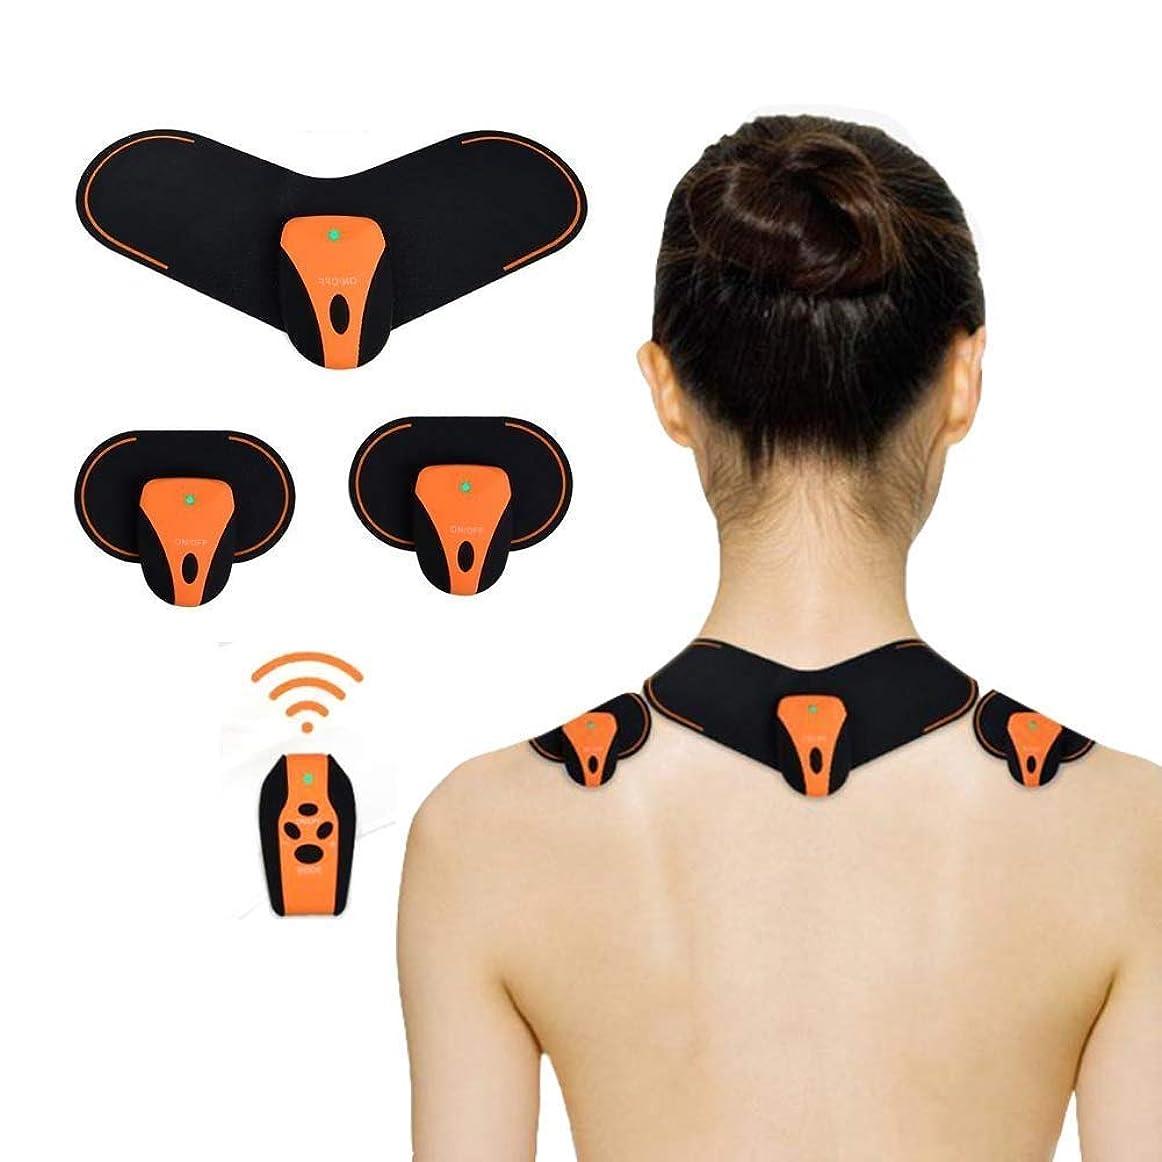 オデュッセウス胃最後にマッサージステッカー 電子筋肉刺激物機械、線維筋痛症/関節炎/肩/神経/首/背部苦痛の救助のための脈拍の刺激物EMS 10の機械、疼痛のリハビリテーションのための電気マッサージャー